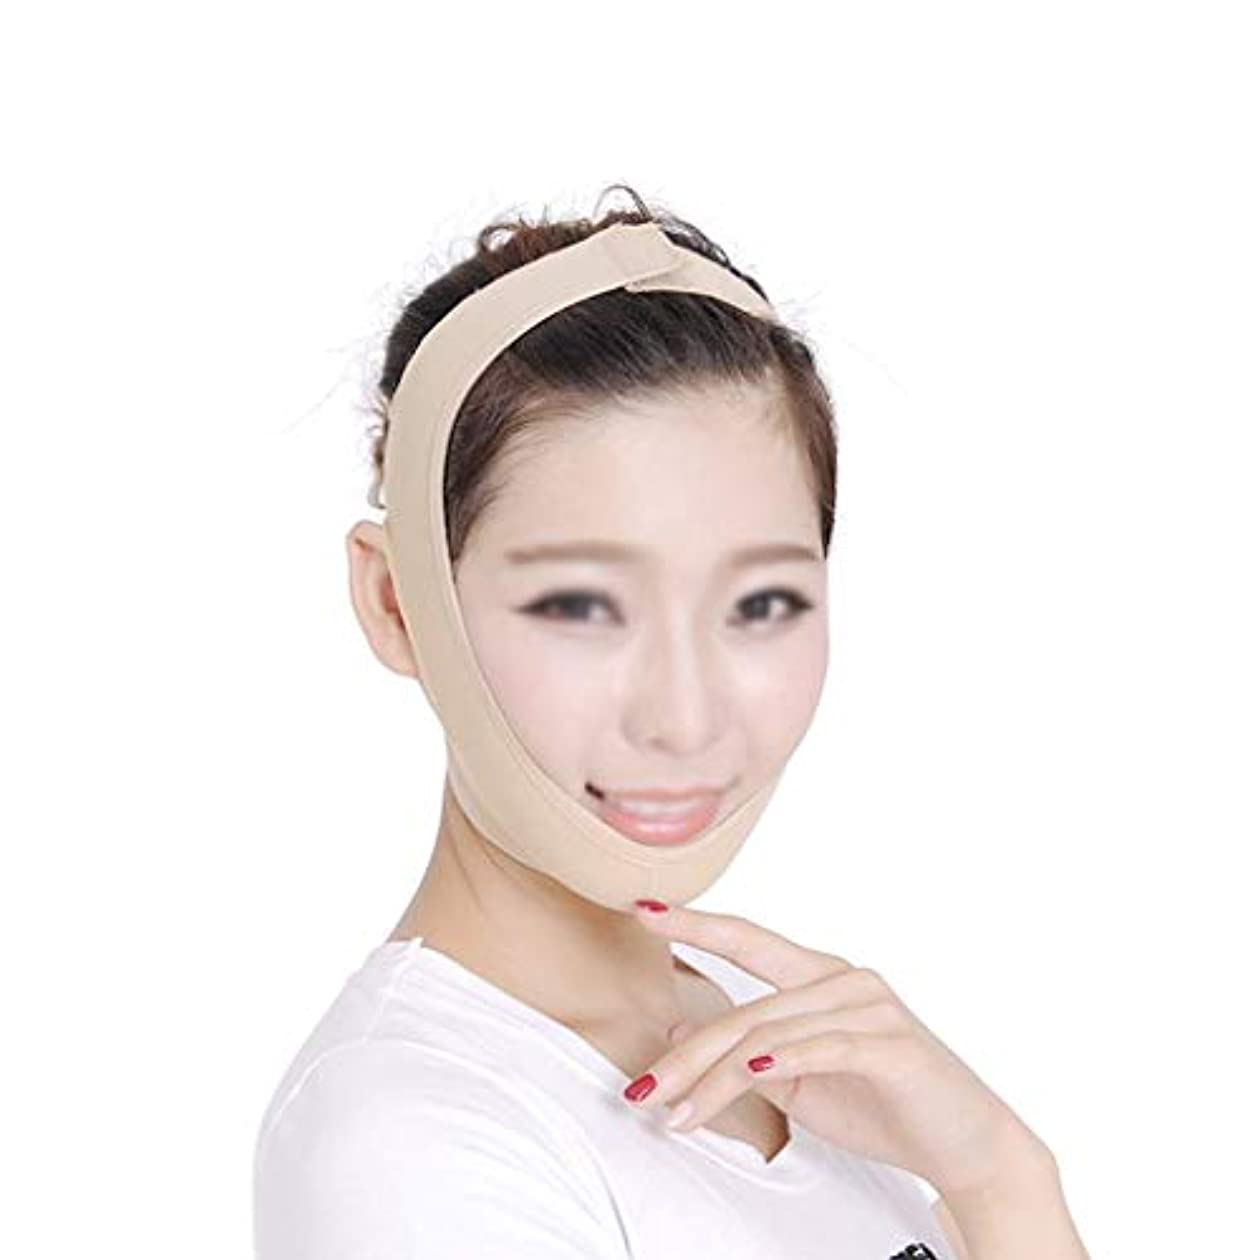 フェイシャル減量マスクリフティングフェイス、フェイスマスク、減量包帯を除去するためのダブルチン、フェイシャルリフティング包帯、ダブルチンを減らすためのリフティングベルト(カラー:ブラック、サイズ:M),イエローピンク、L